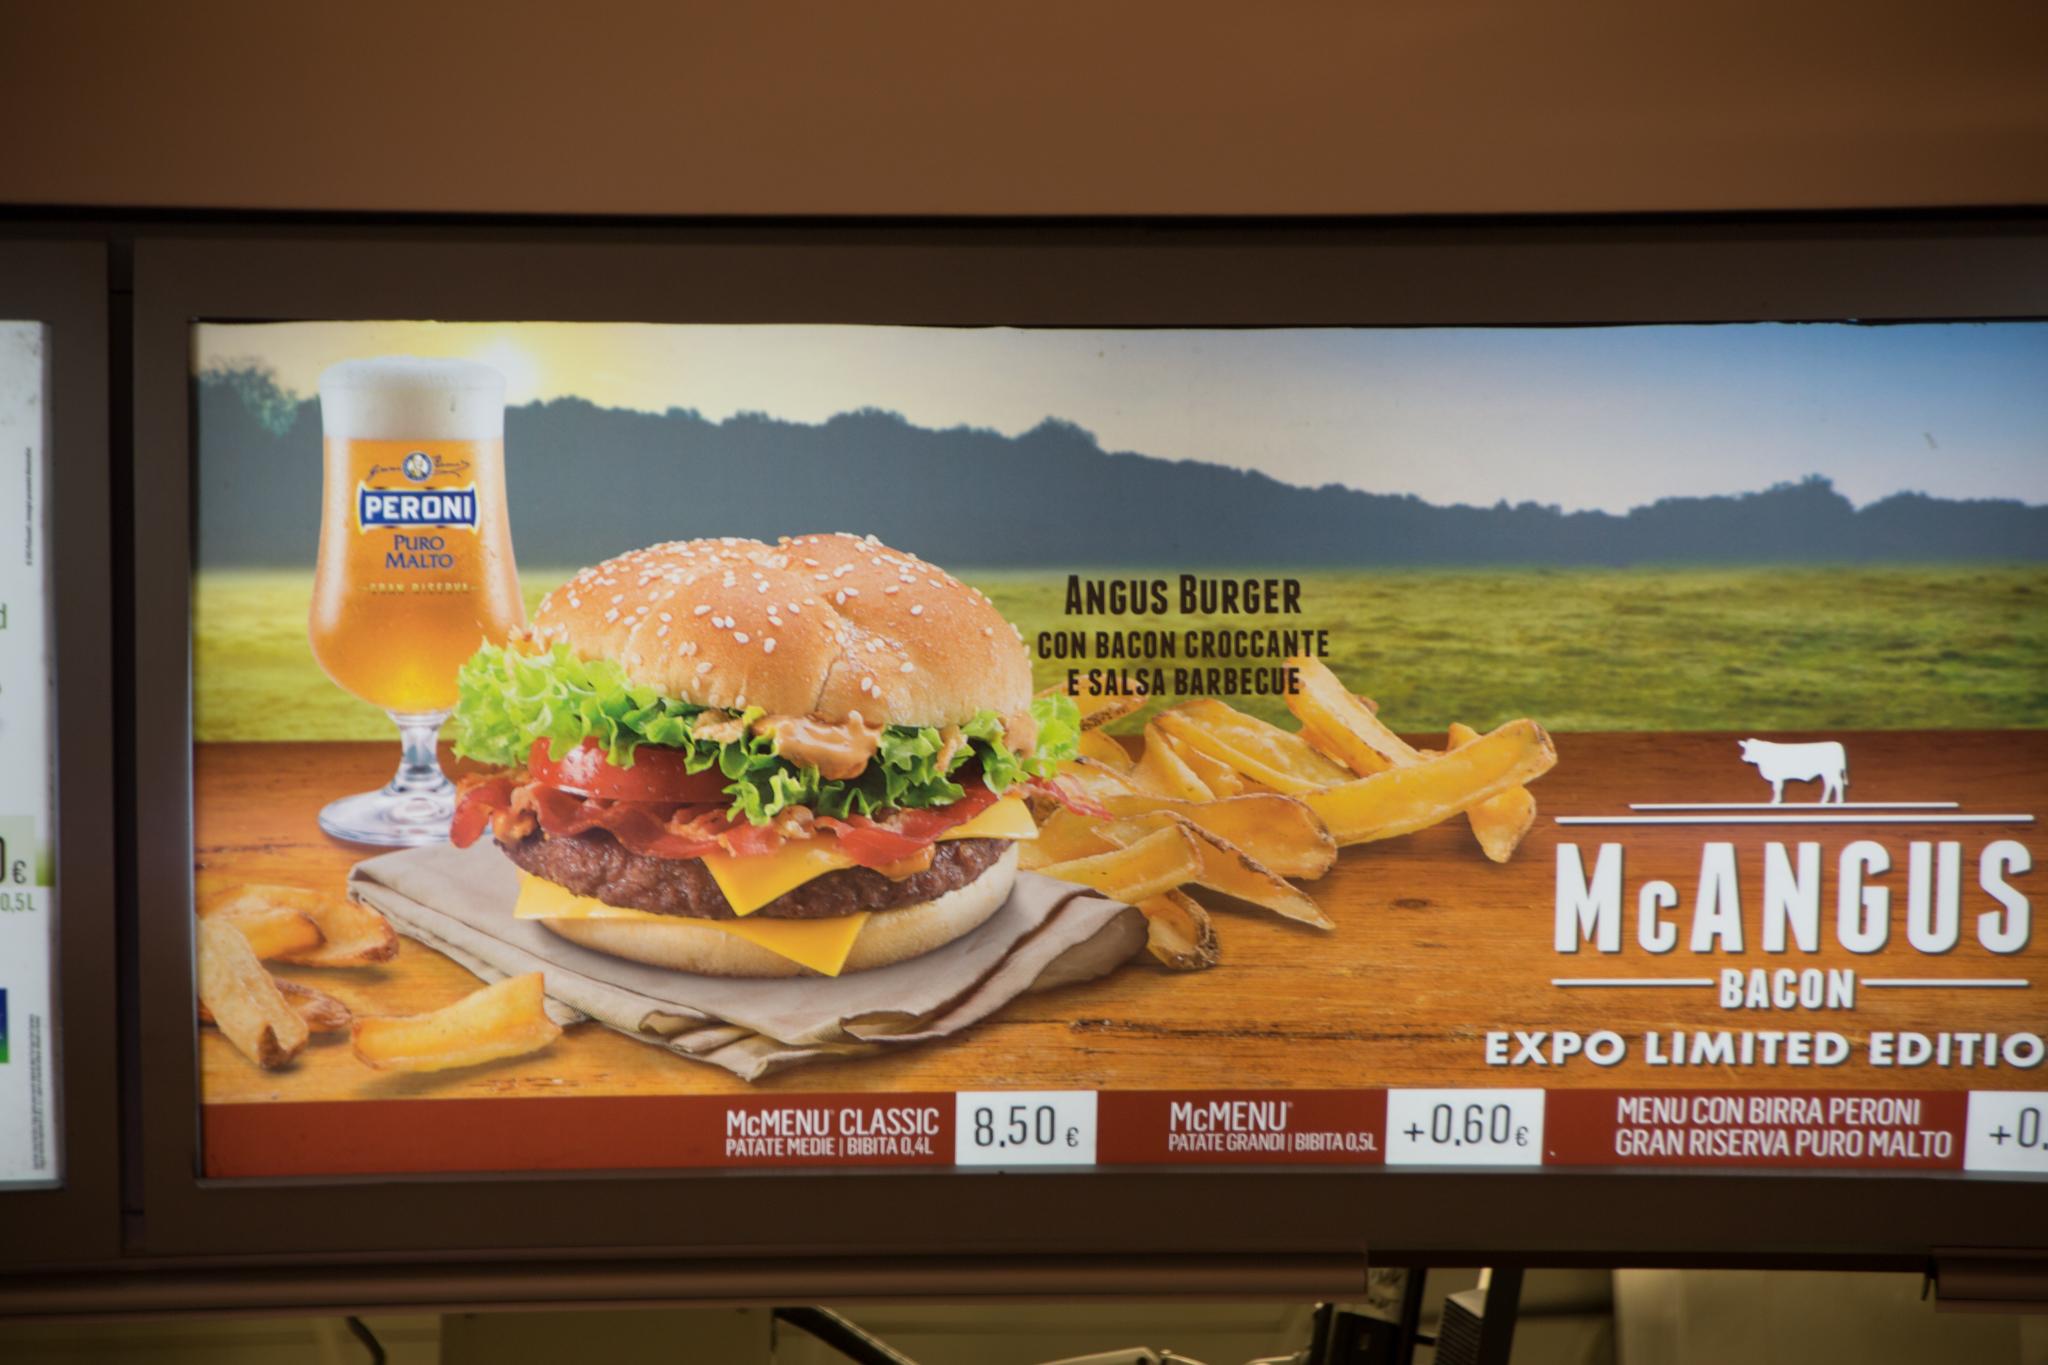 Beer at McDonald's?